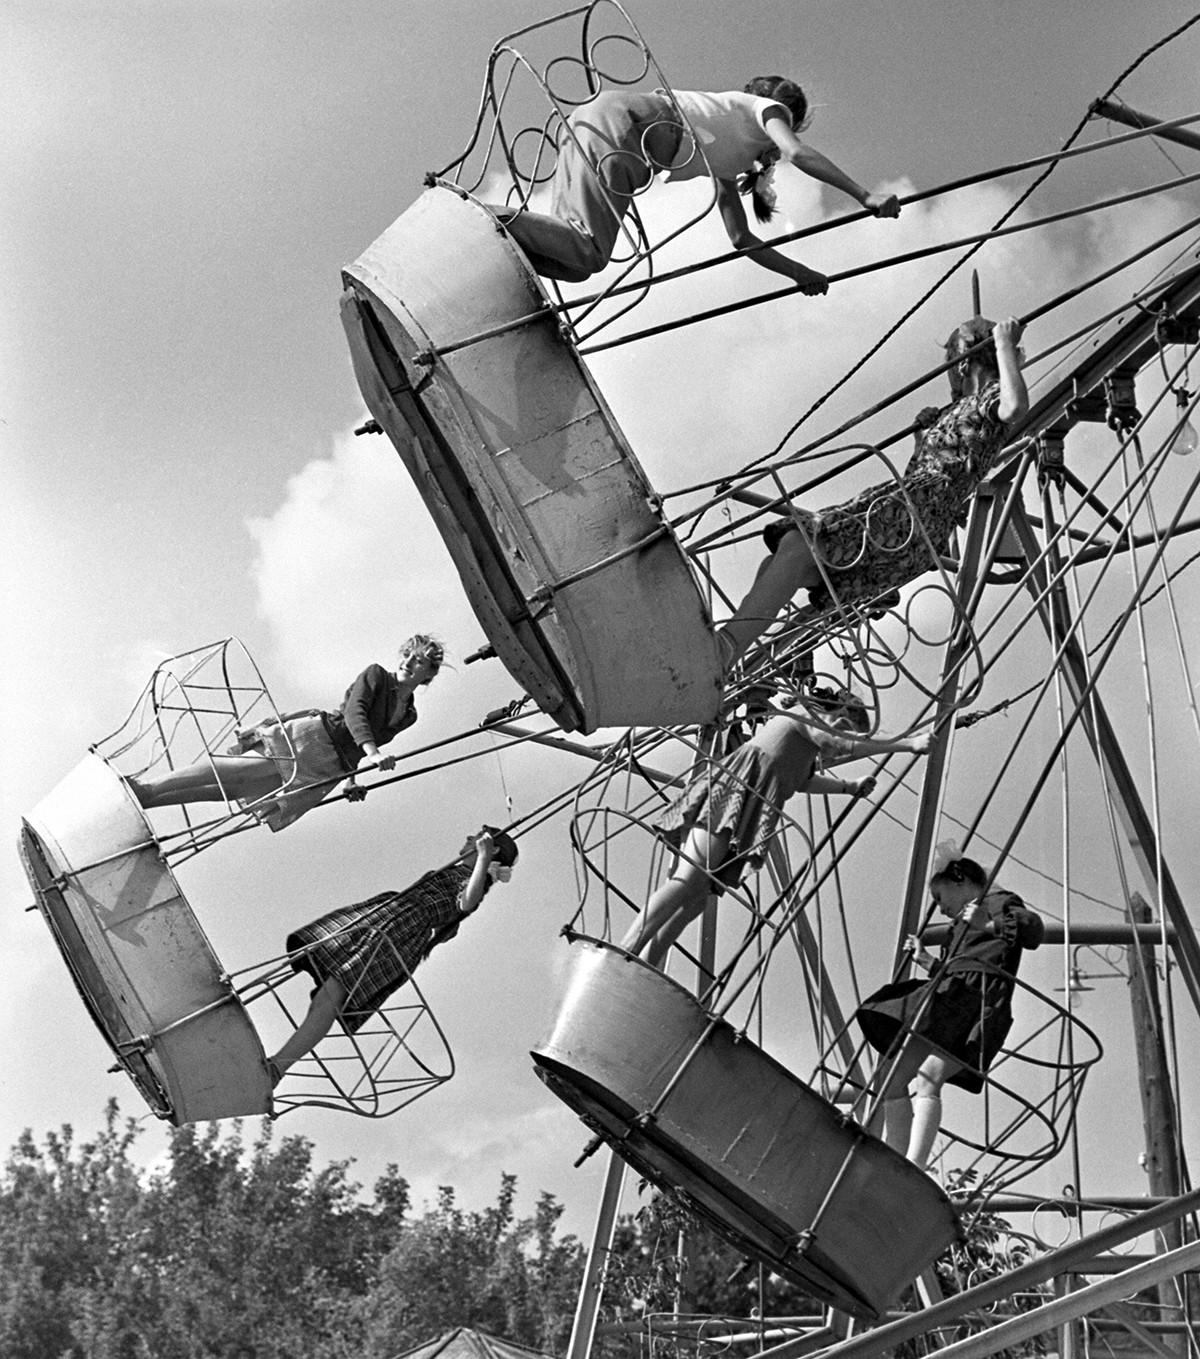 Качели-лодочки в Саратове, 1962.